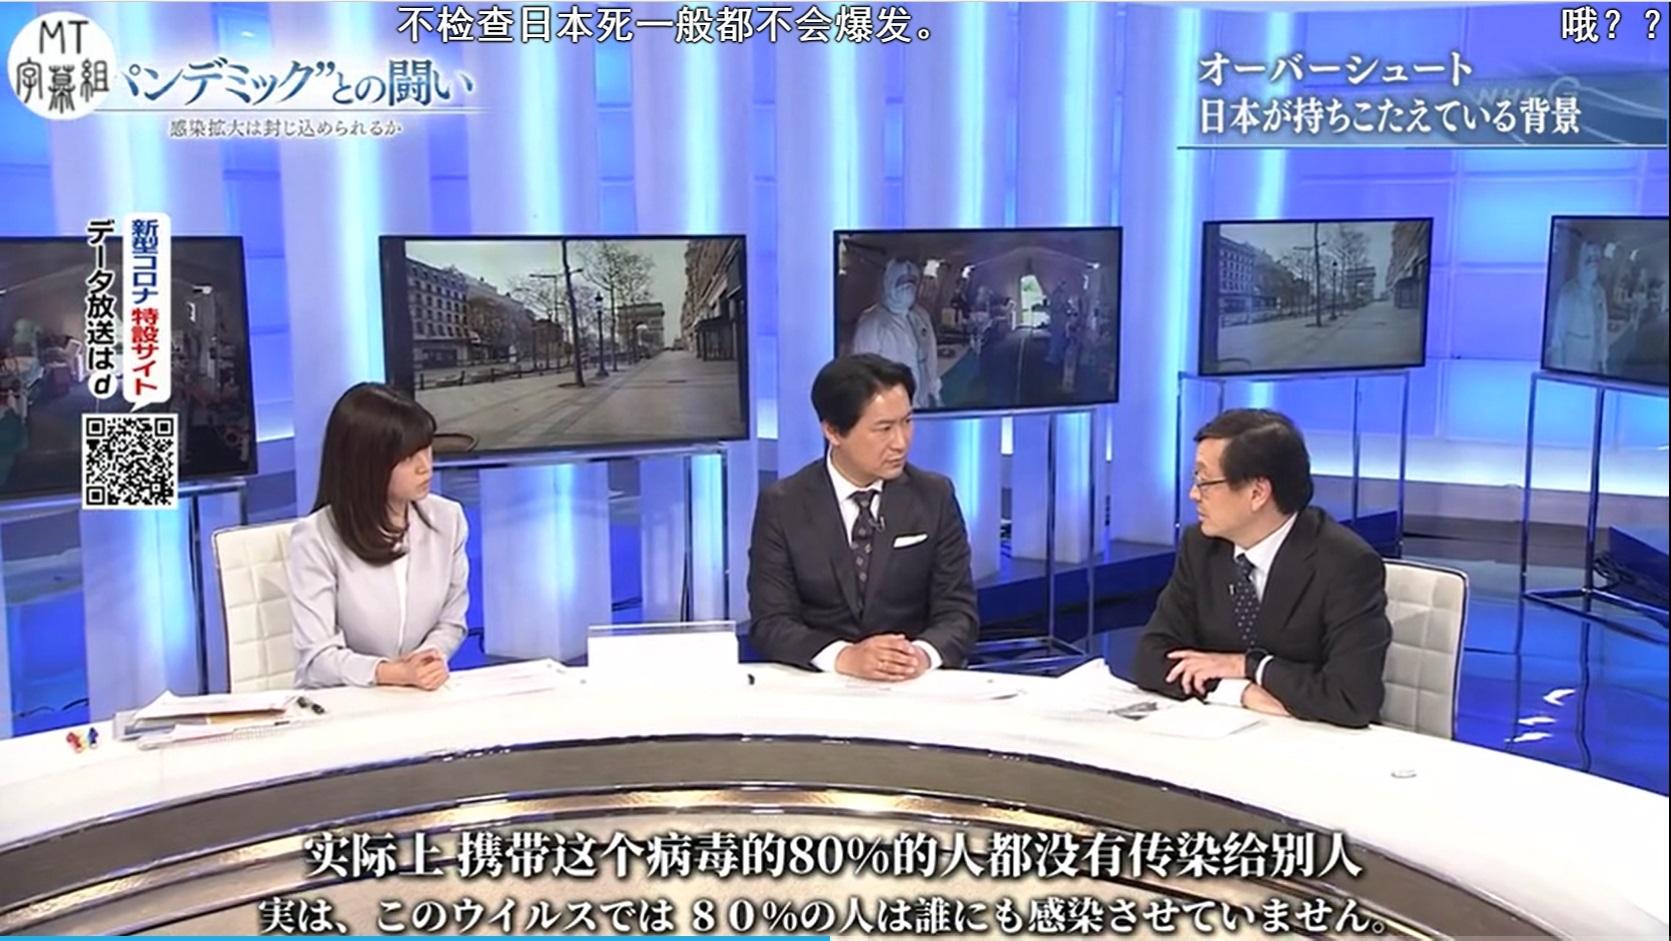 揭秘日本式抗疫战略:大部分患者没传染_d0007589_19204849.jpg